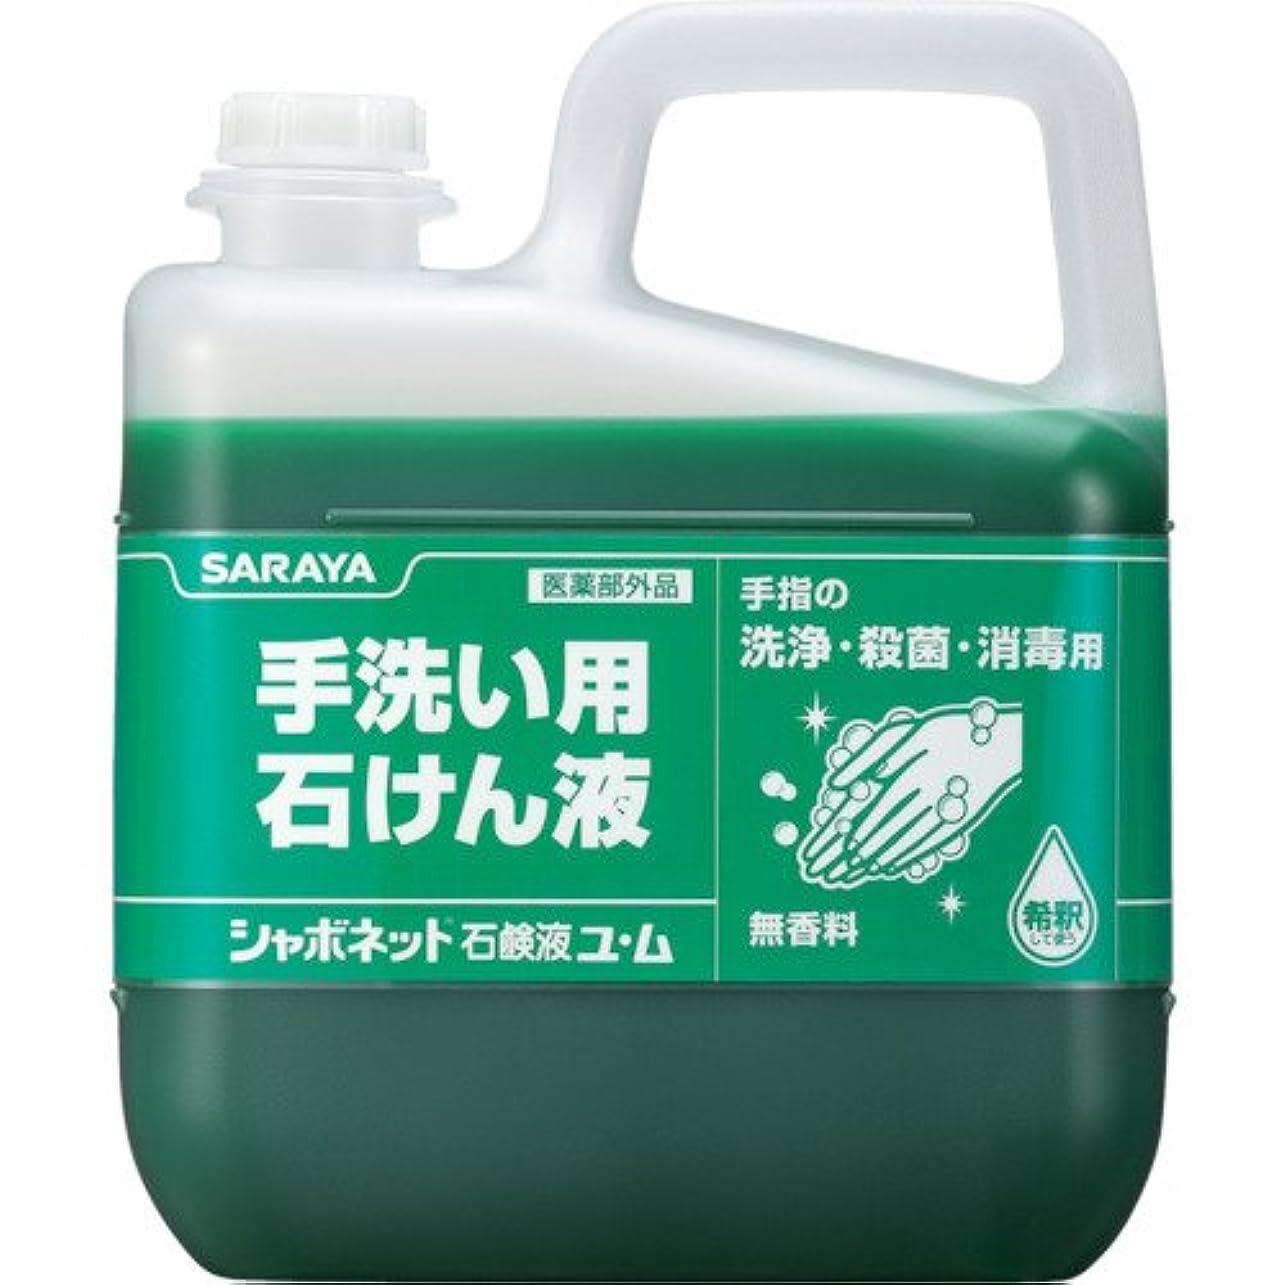 歩く効果マニアサラヤ ハンドソープ シャボネット石鹸液ユ?ム 5kg